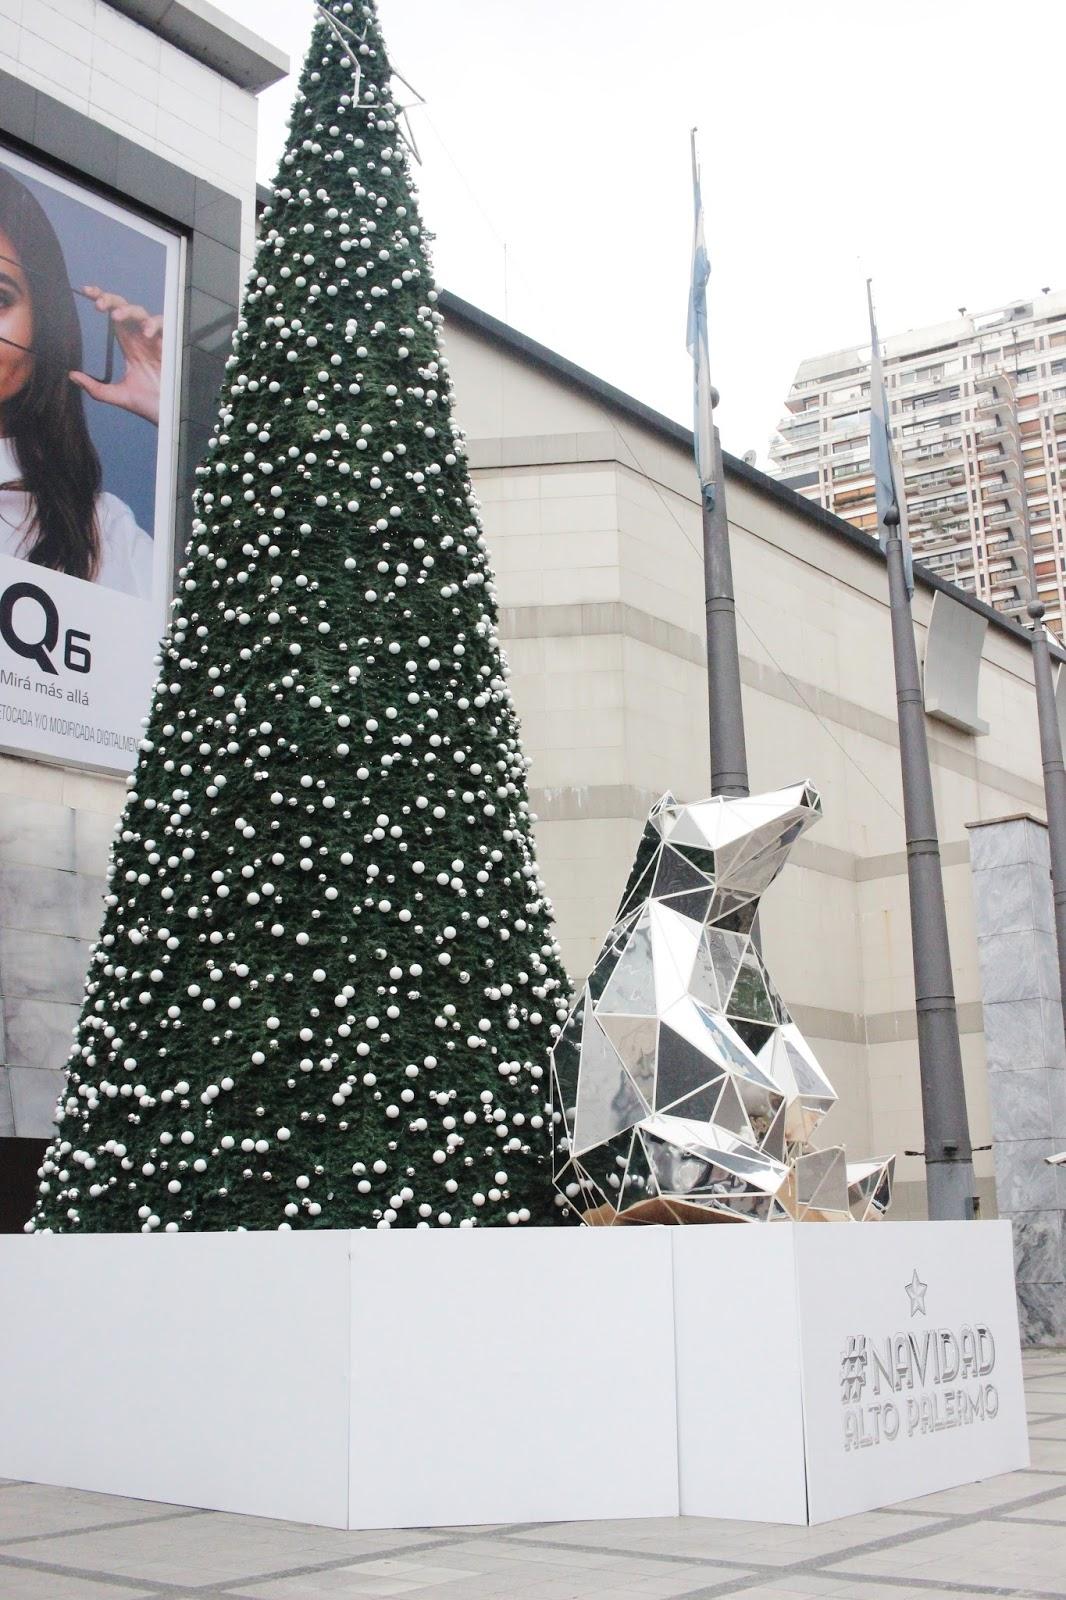 navidad caba